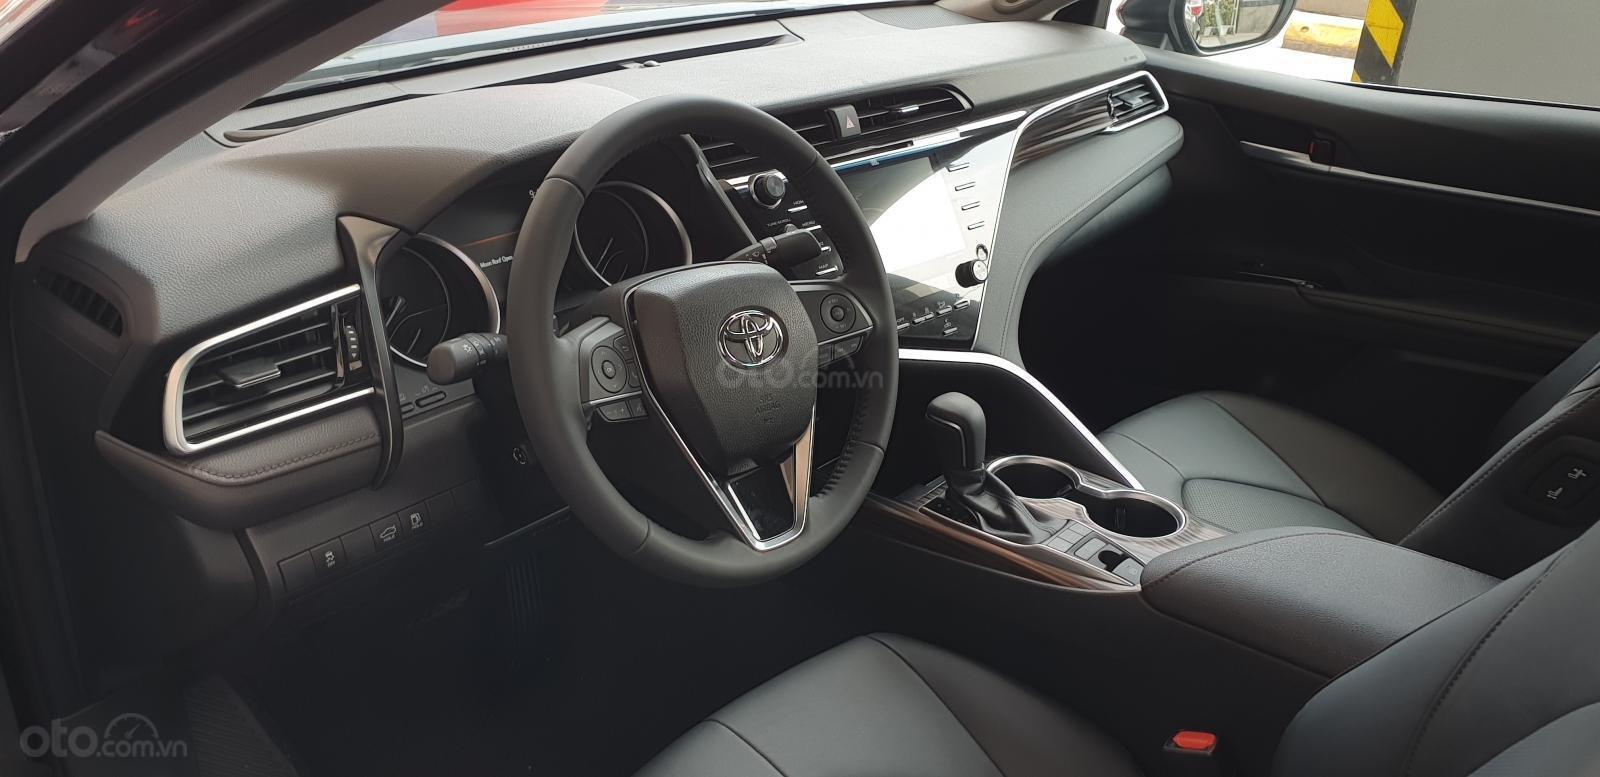 Bán Toyota Camry 2.5Q nhập khẩu giao ngay, giá tốt, liên hệ 0987404316 - 0355283111-9